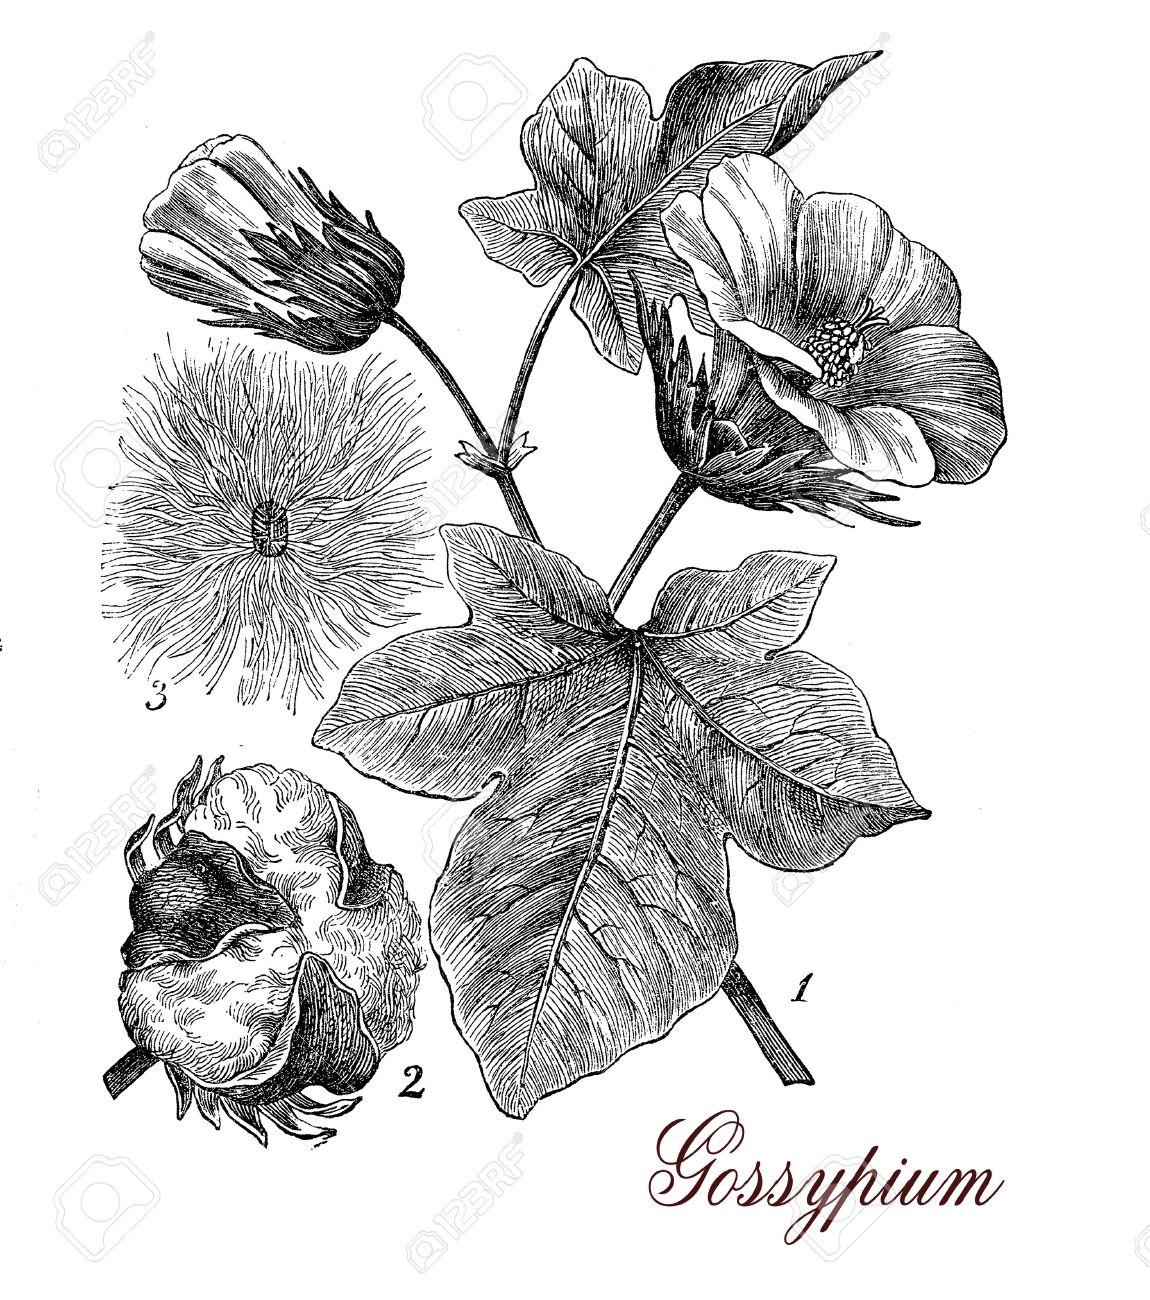 Fein Botanischer Druck Eingerahmt Ideen - Benutzerdefinierte ...